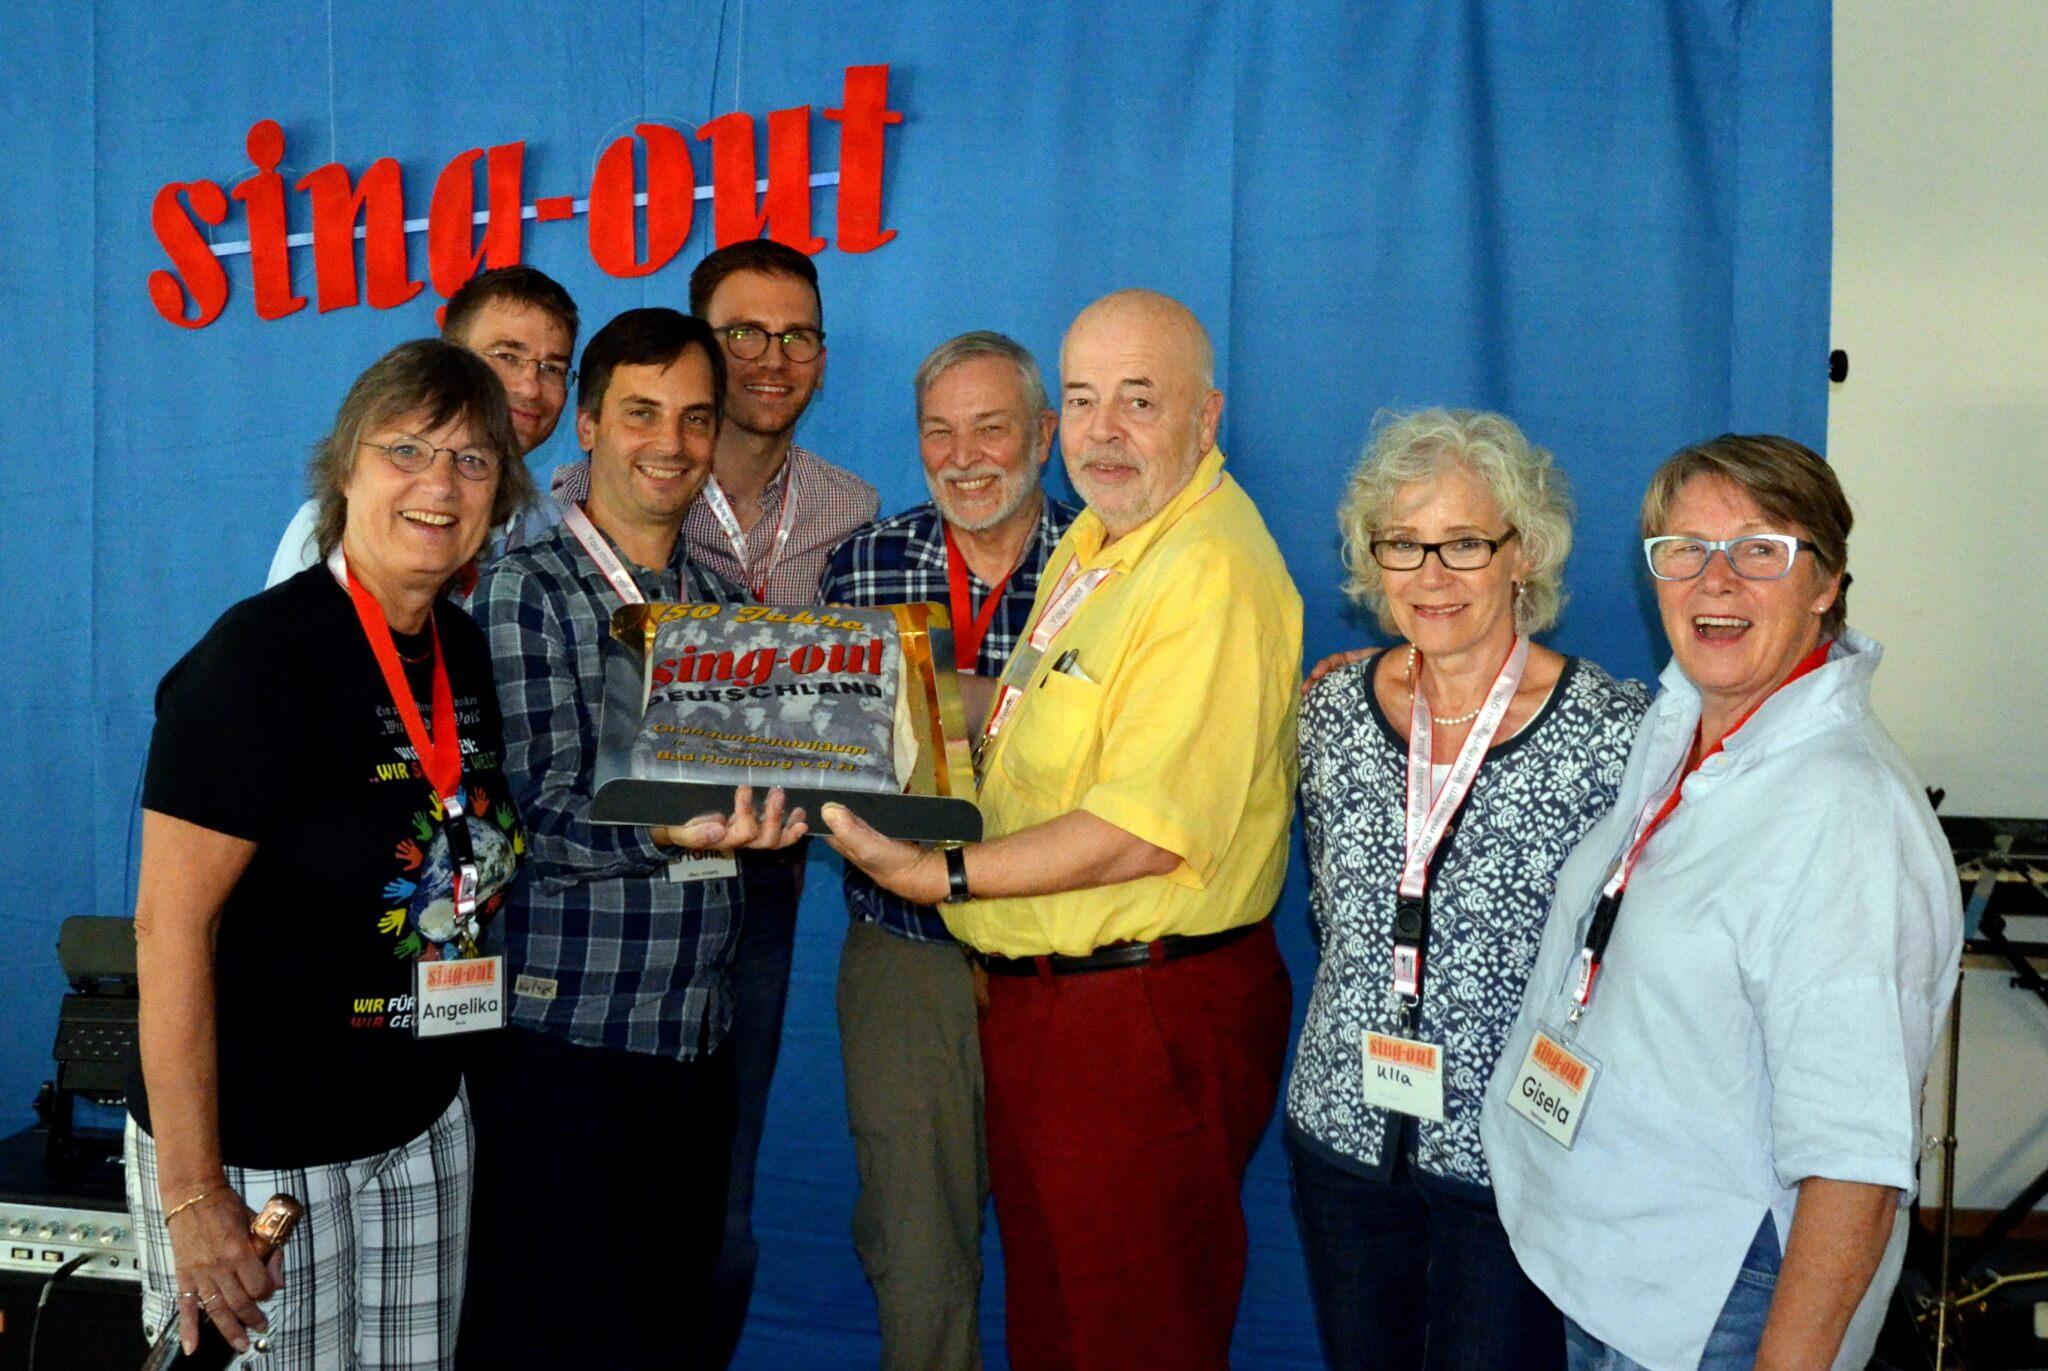 Übergabe einer Torte an das Orgateam zum 50jährigen Geburtstag von Sing-Out Deutschland (Bad Homburg, September 2016)